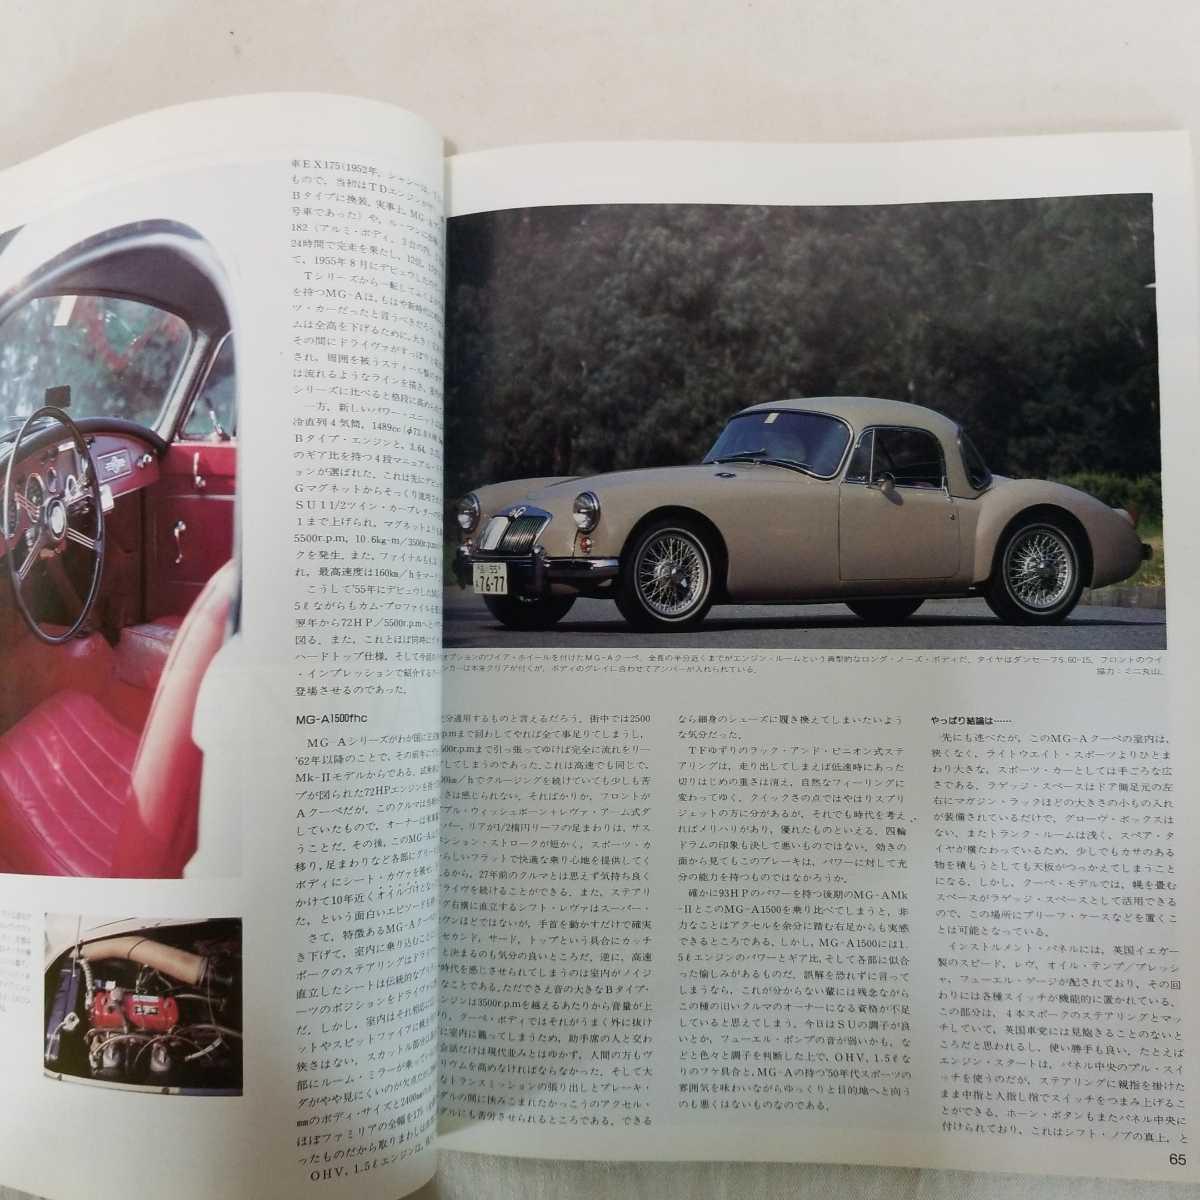 スクランブル・カー・マガジン SCRAMBLE CAR MAGAZINE 71 1986年1月号 ポルシェ ジャガー ヴィンテージ フェラーリ ベンツ_画像7